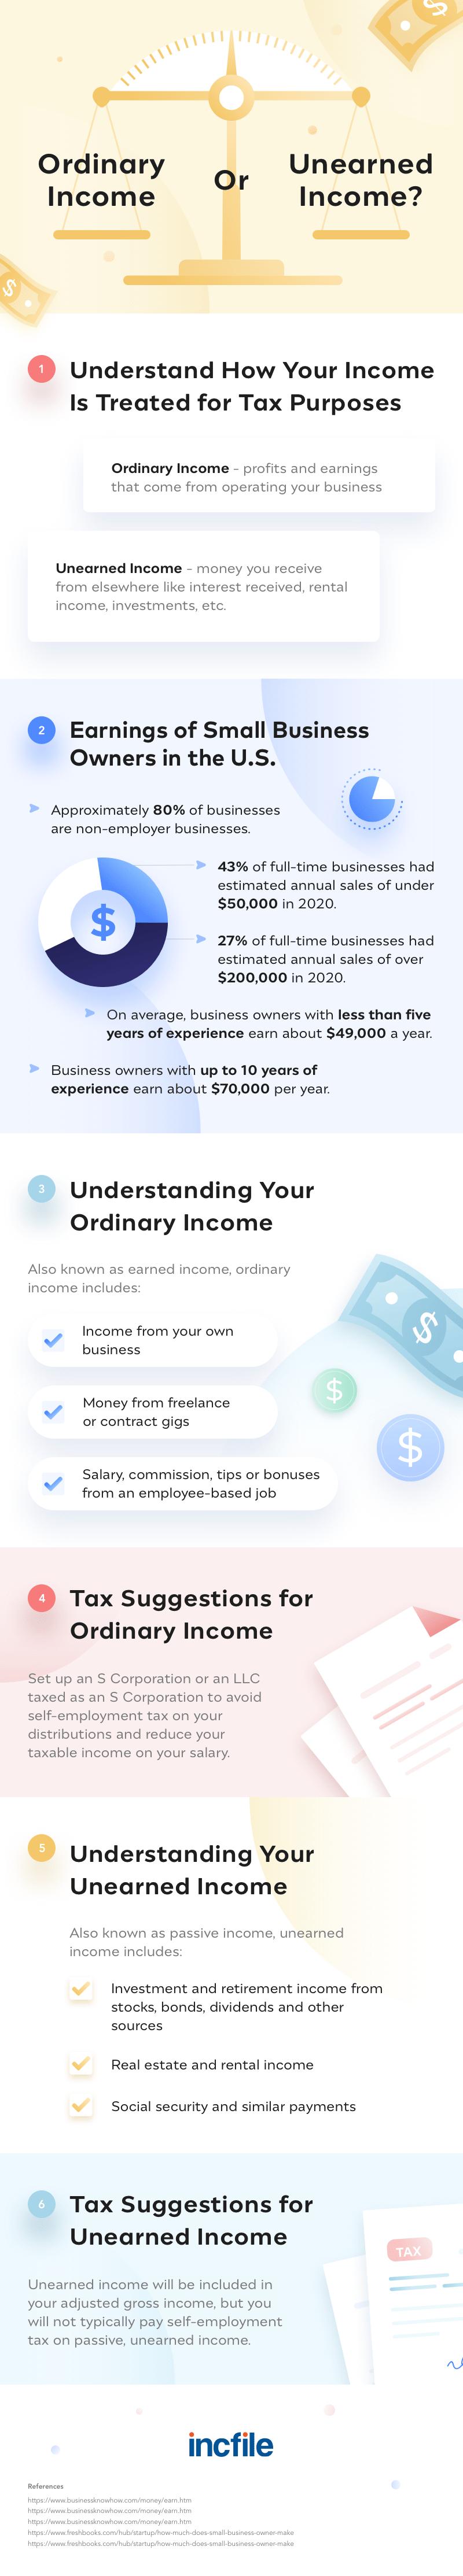 ordinary income vs unearned income